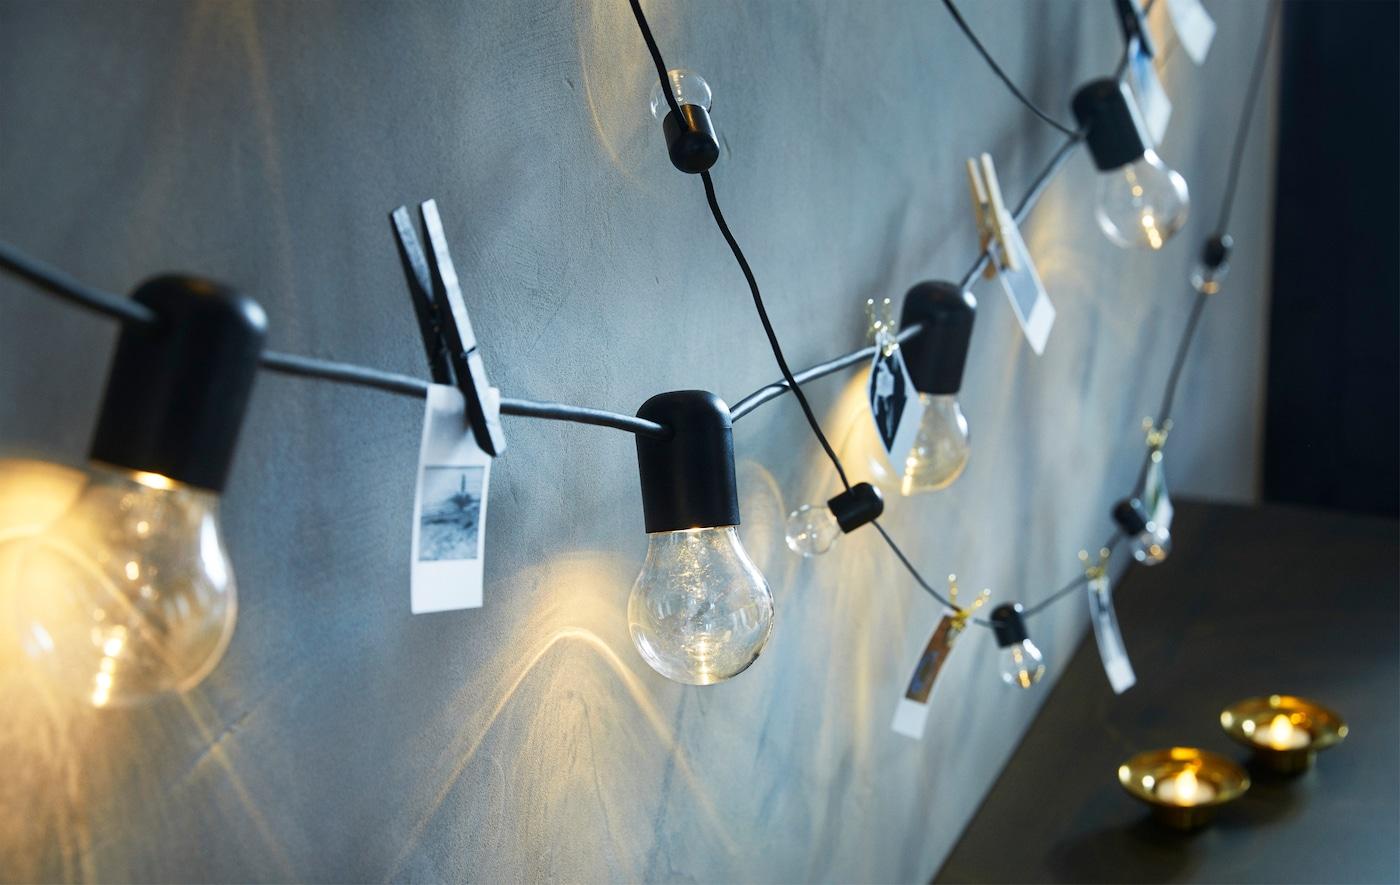 Une déco de guirlandes lumineuses - IKEA